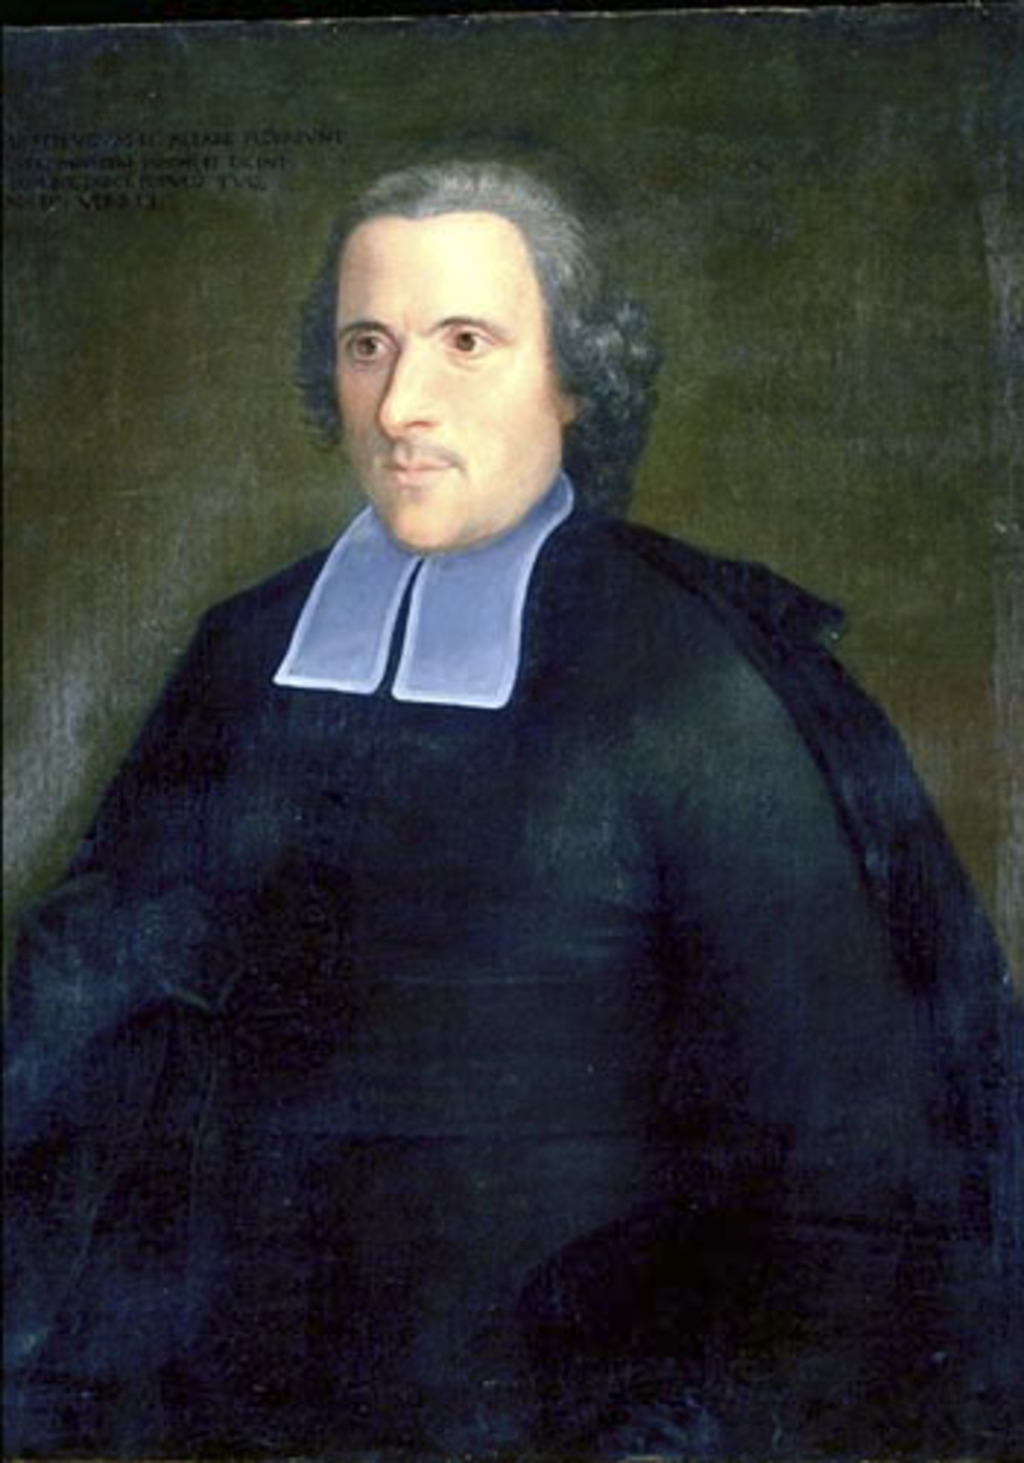 Pierre Vincelotte de Maudeville